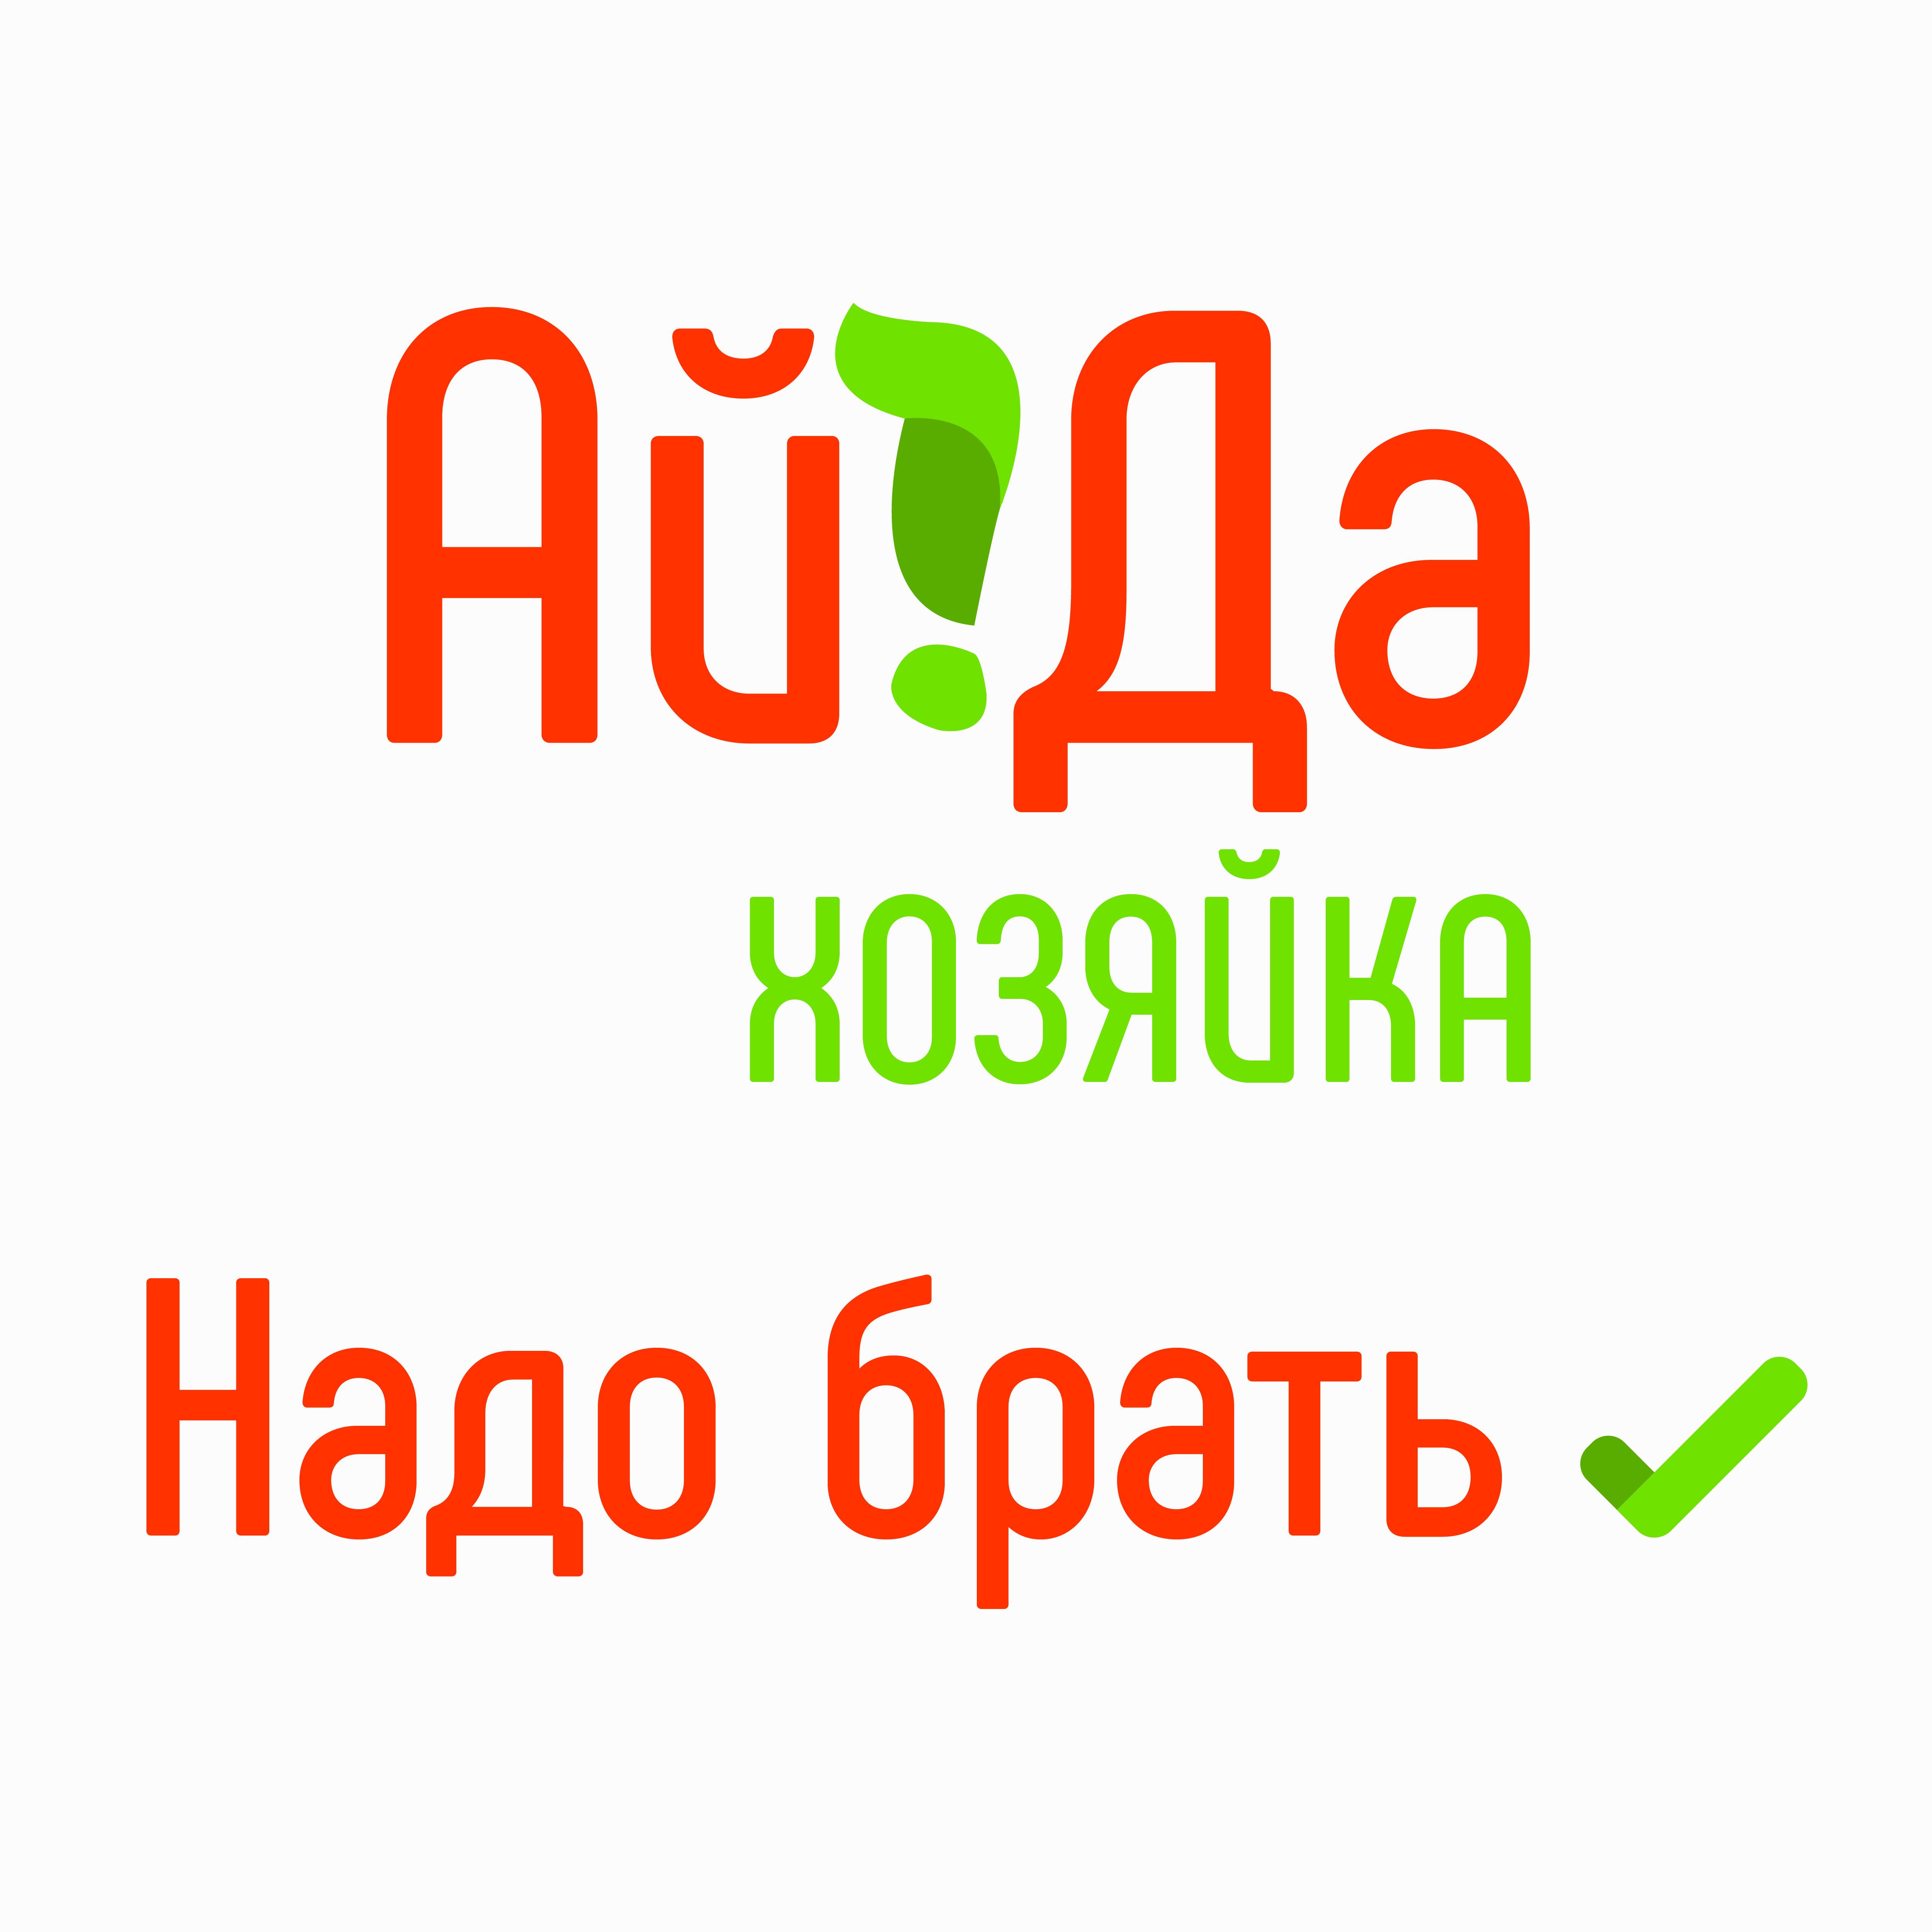 Дизайн логотипа и упаковки СТМ фото f_6225c56e0c45ef33.jpg